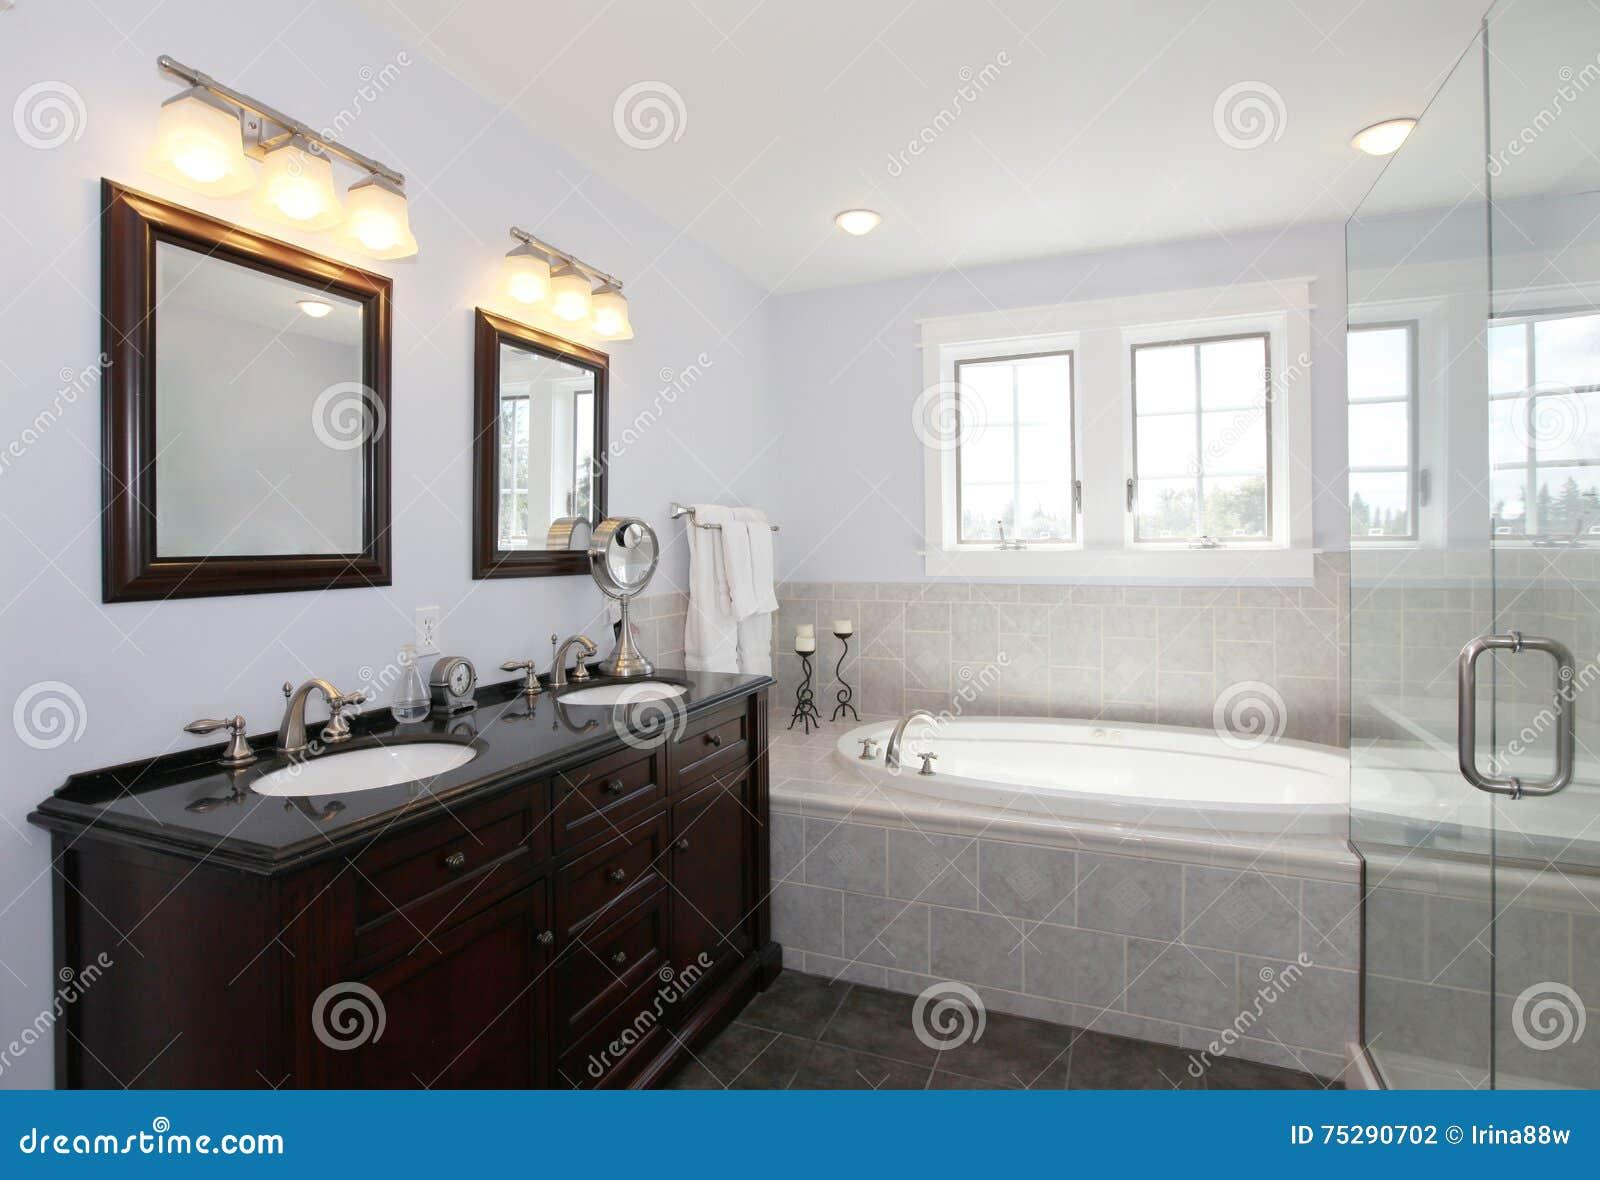 Lavandino Bagno Due Vasche.Bagno Con Il Gabinetto Di Legno E Della Vasca Con Due Lavandini